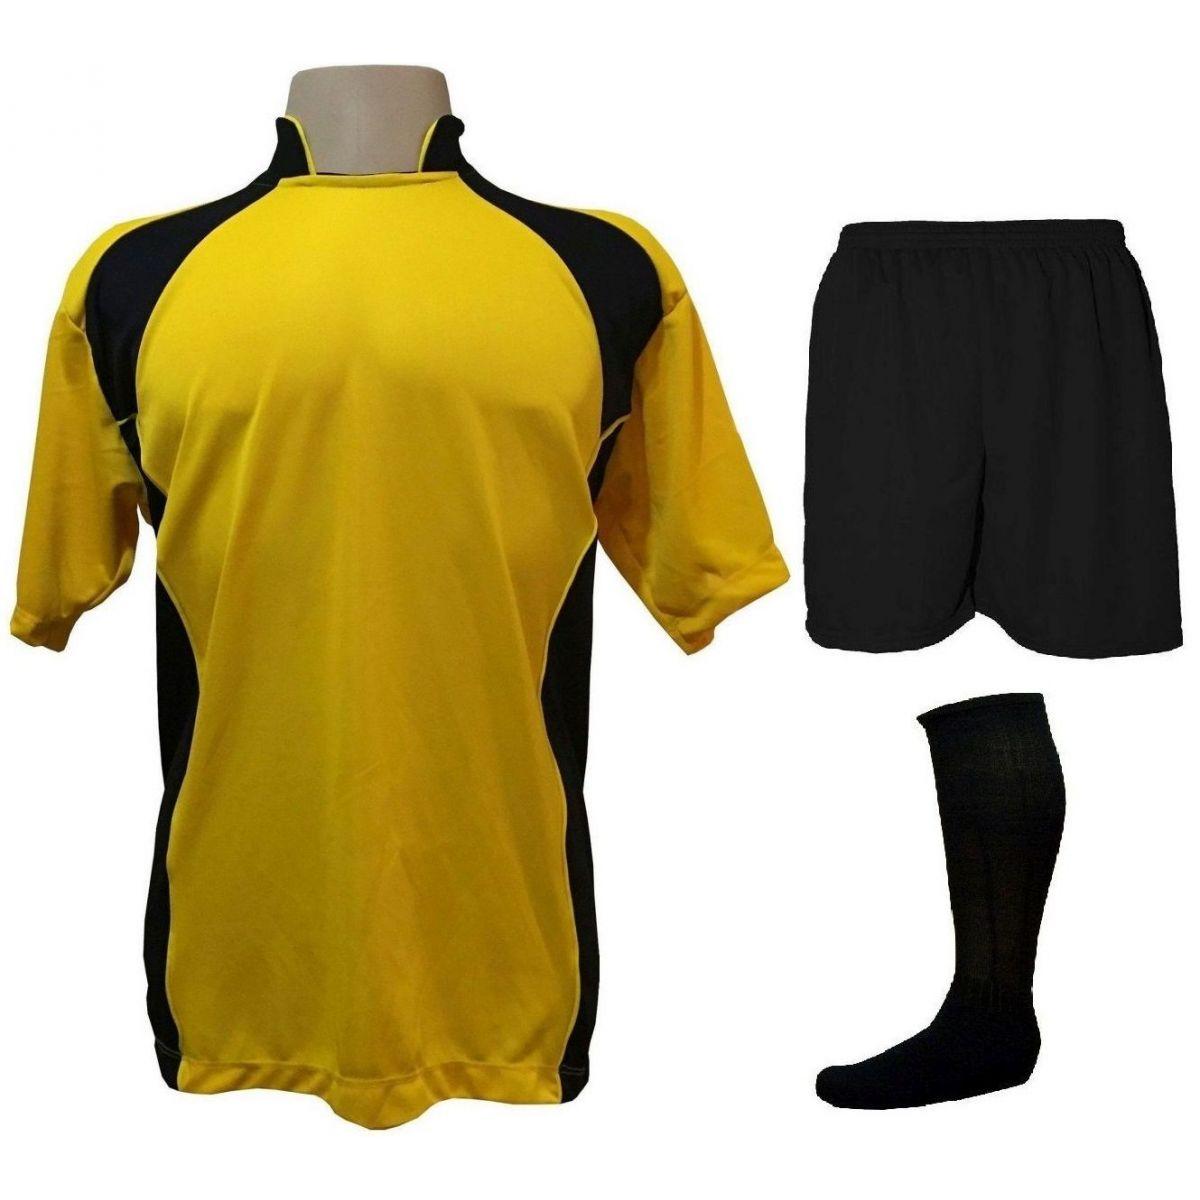 Uniforme Esportivo Completo modelo Suécia Amarelo Preto 14+1 (14 camisas +  14 calções + 15 pares de meiões + 1 conjunto de goleiro) - Frete Grátis  Brasil + ... 41c877d7c5f7c